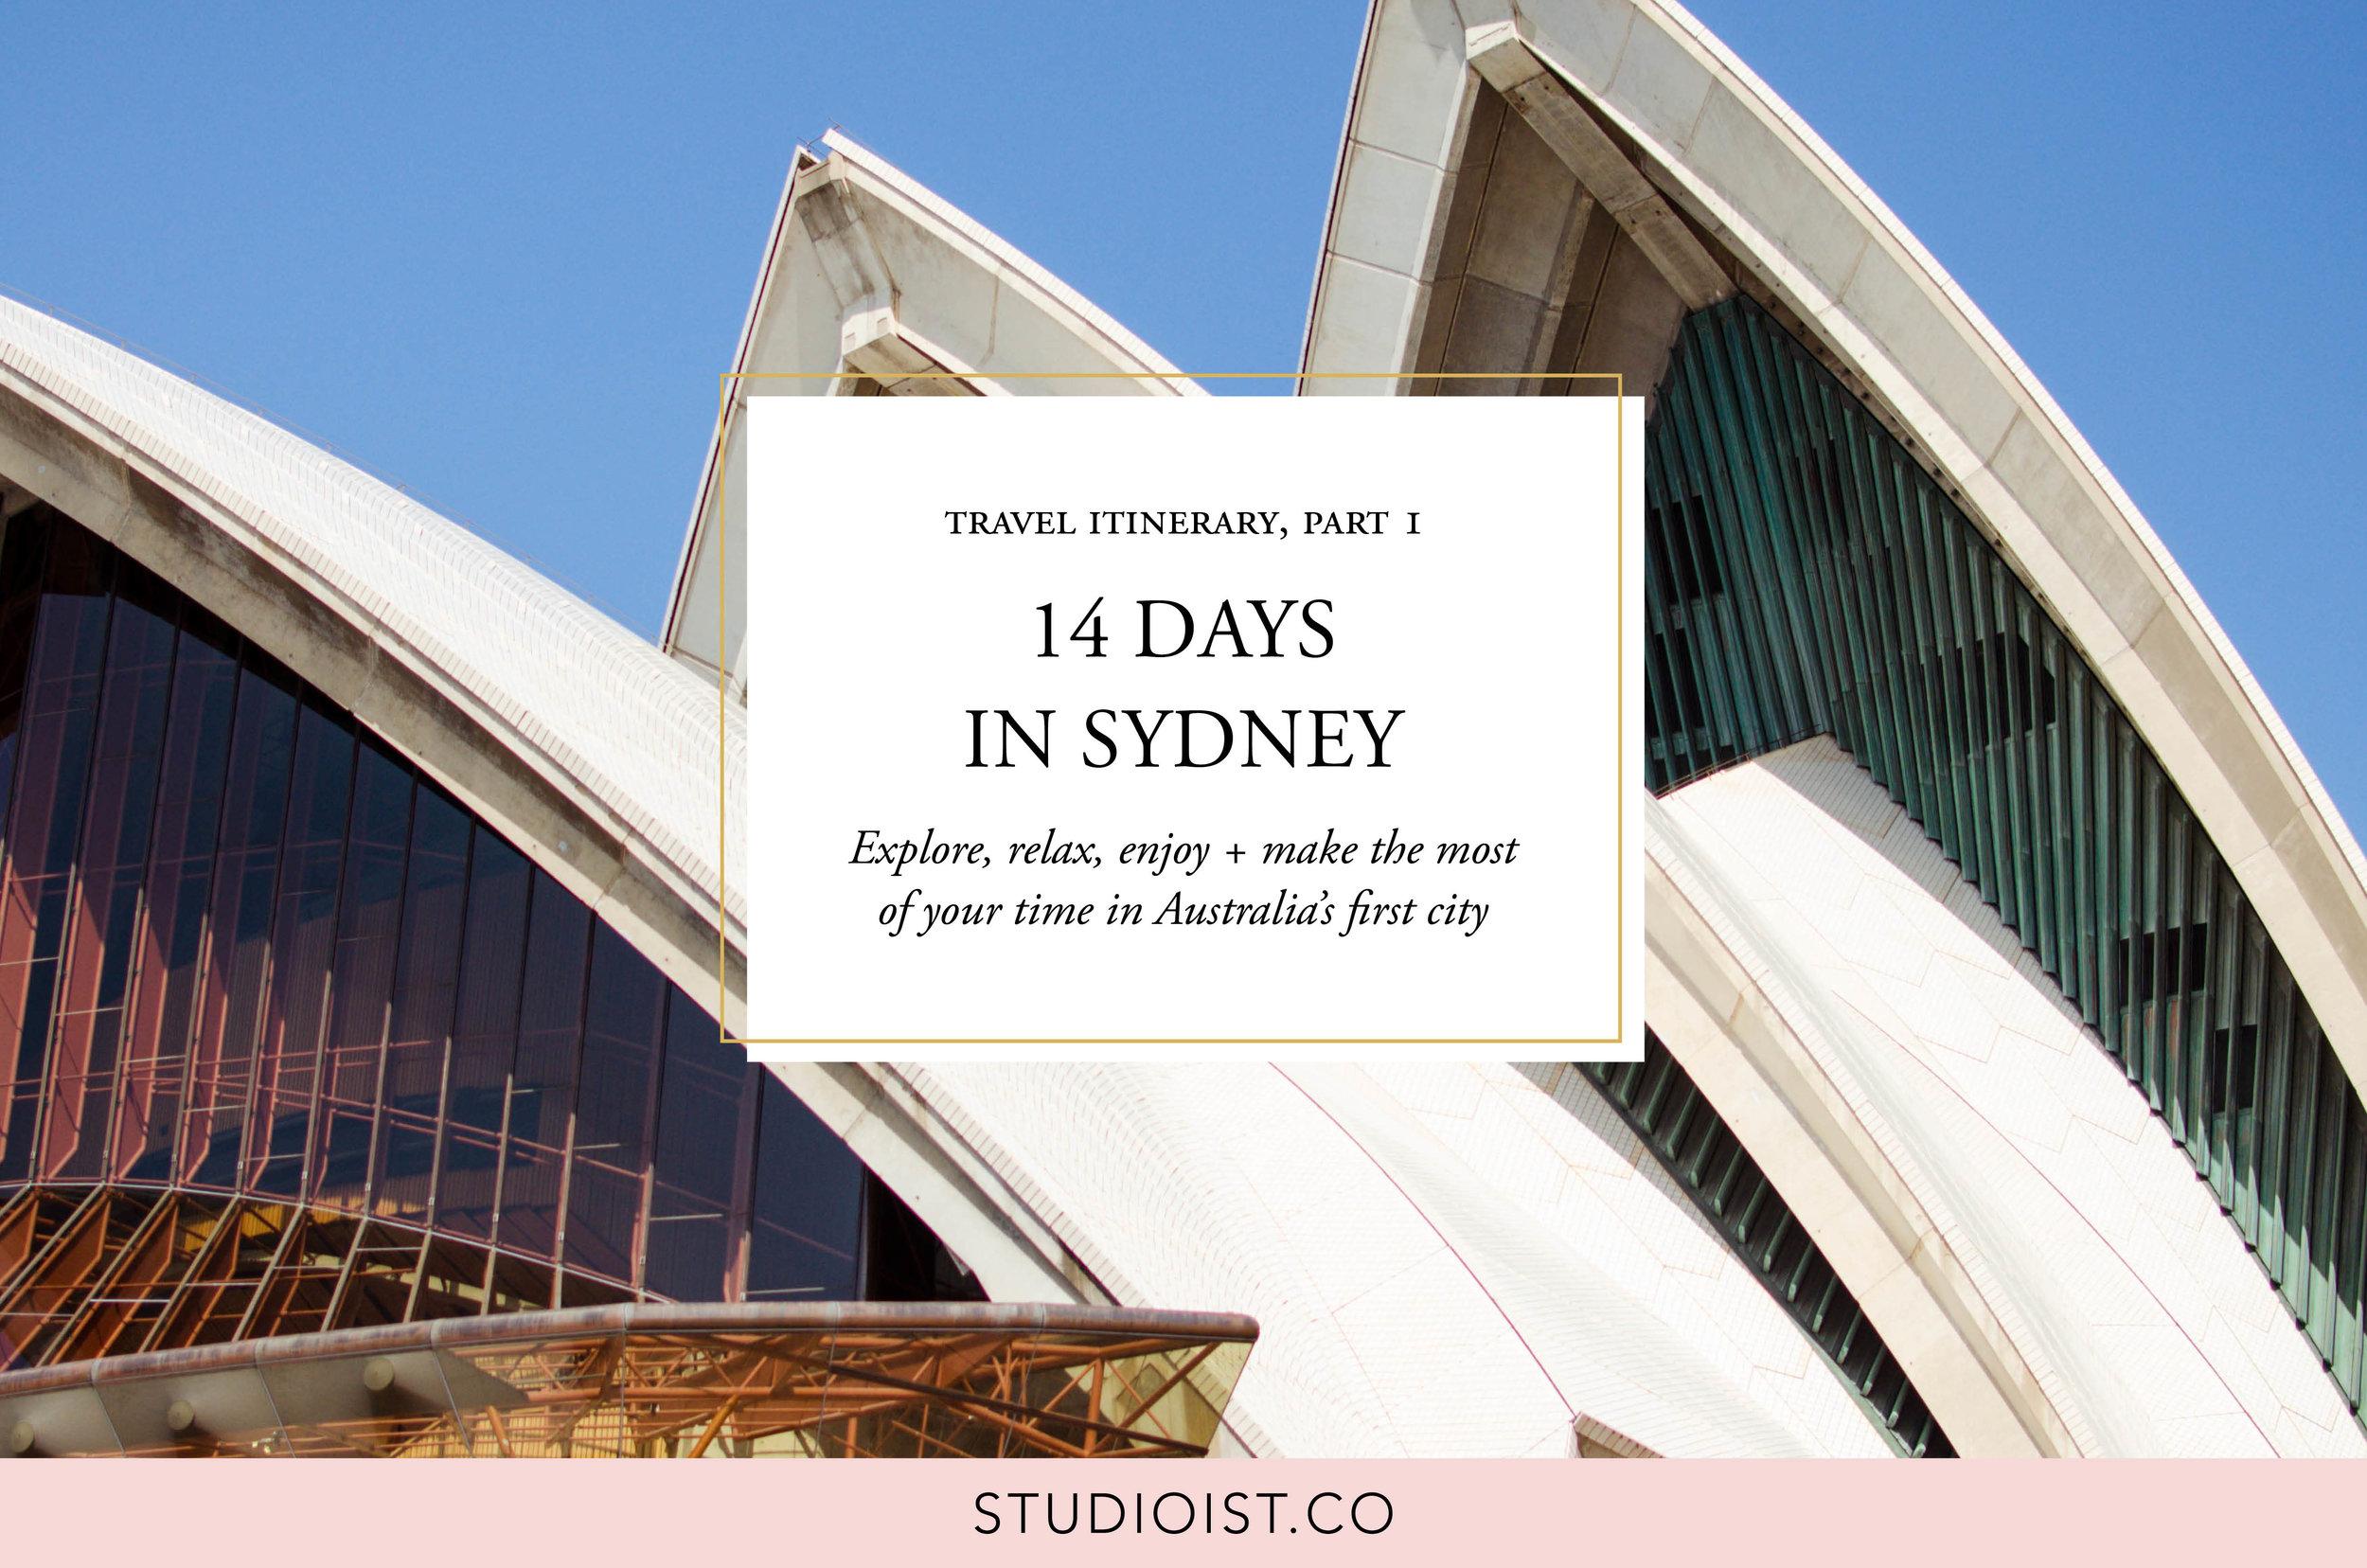 Studioist_Food Cover_Sydney Australia pt 1-small.jpg